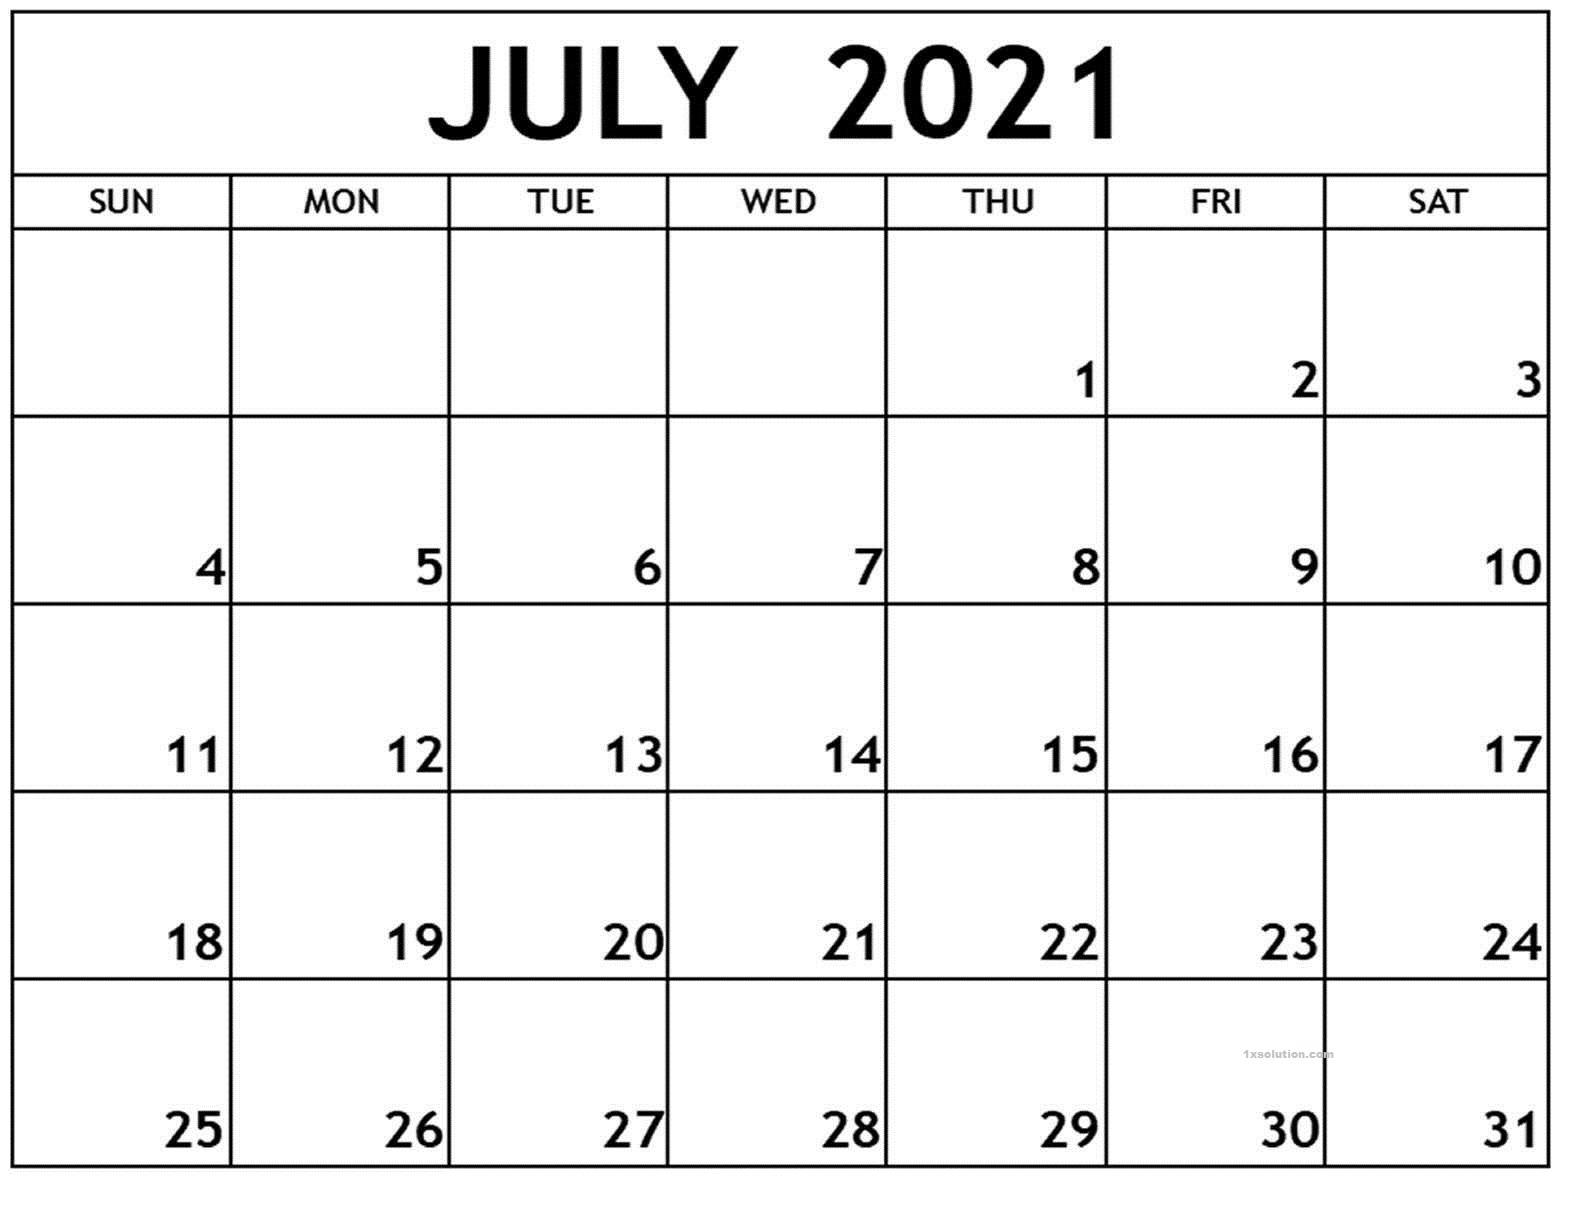 July 2021 Calendar Sheet